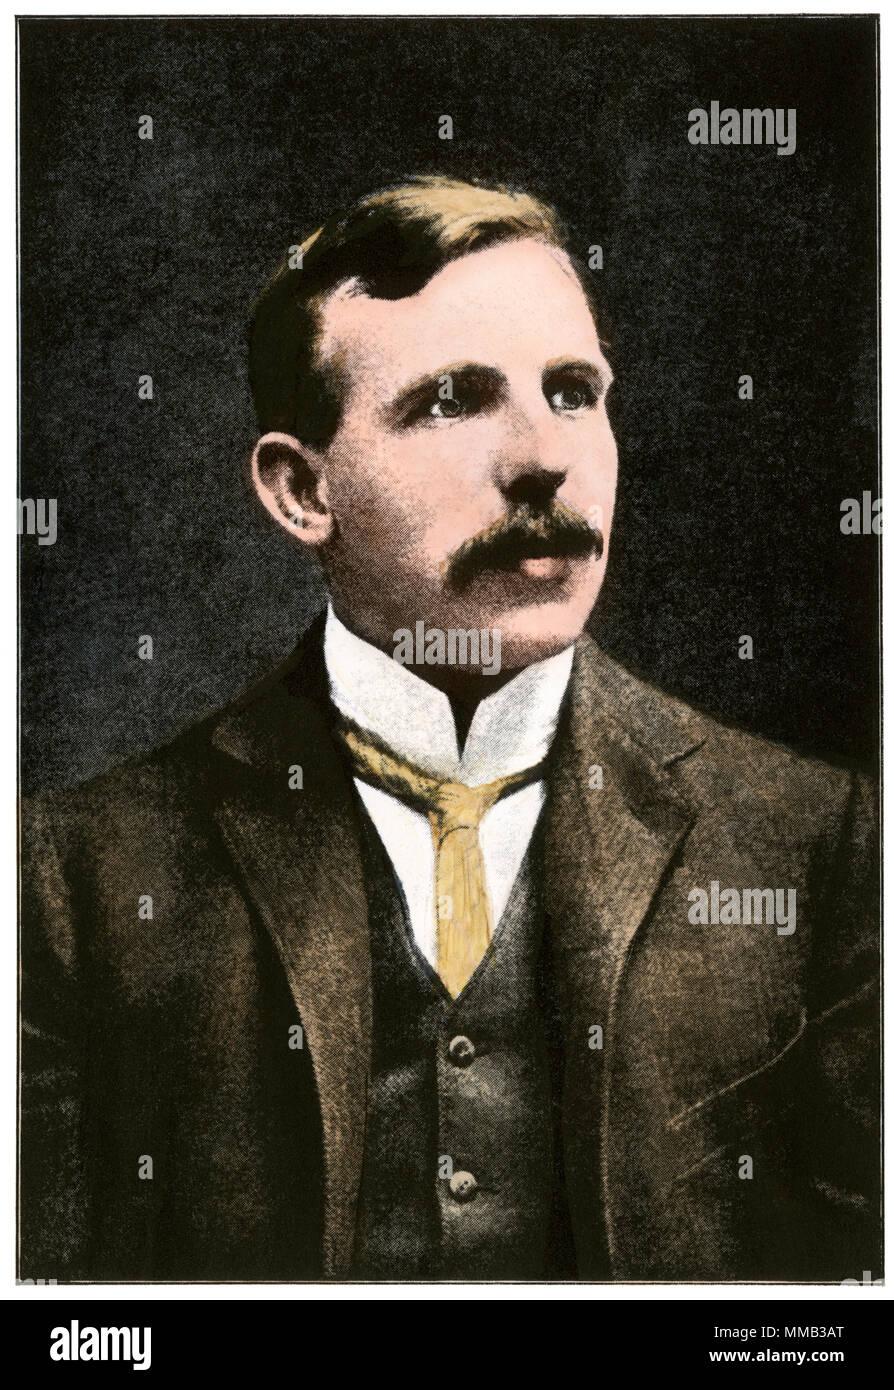 Ernest Rutherford, Nobelpreisträger für Chemie 1908. Hand - farbige Raster eines Fotos Stockbild